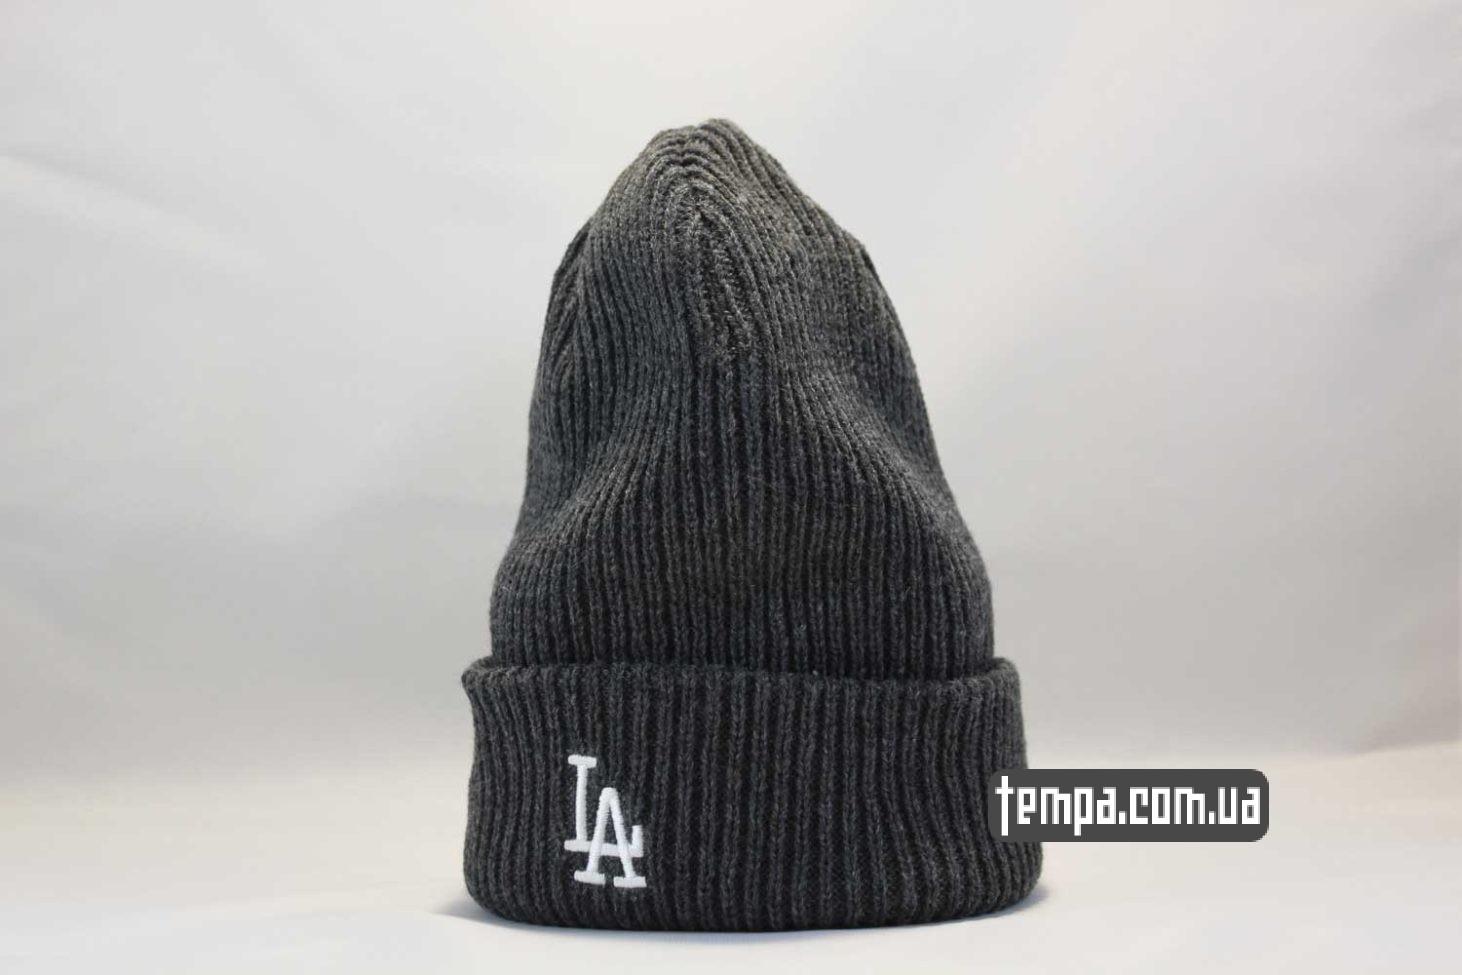 вязанная мягкая шапка beanie LA Los Angeles New Era серая